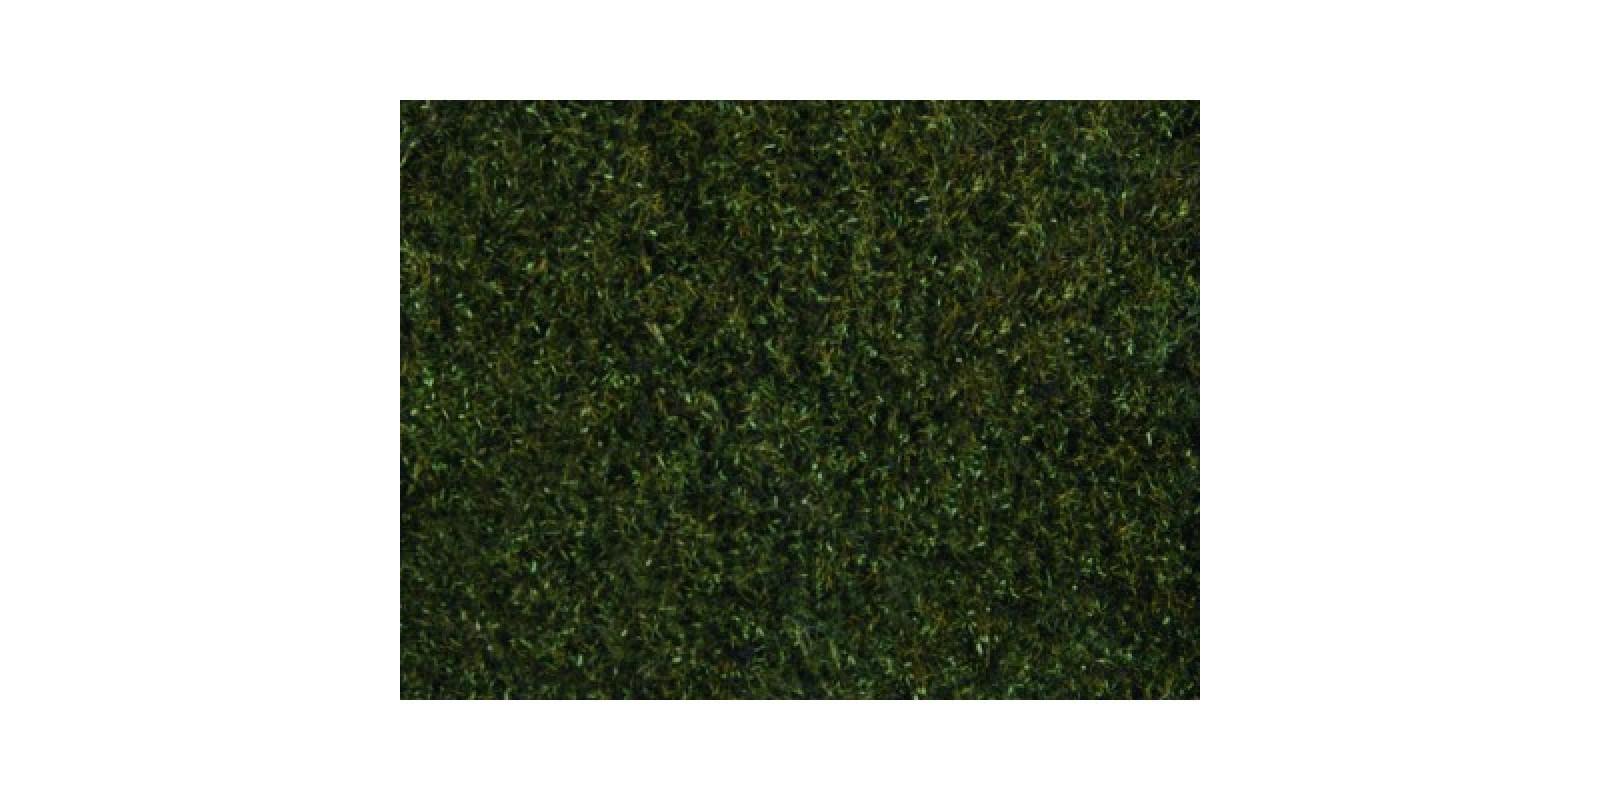 NO07292 Meadow Foliage, dark green